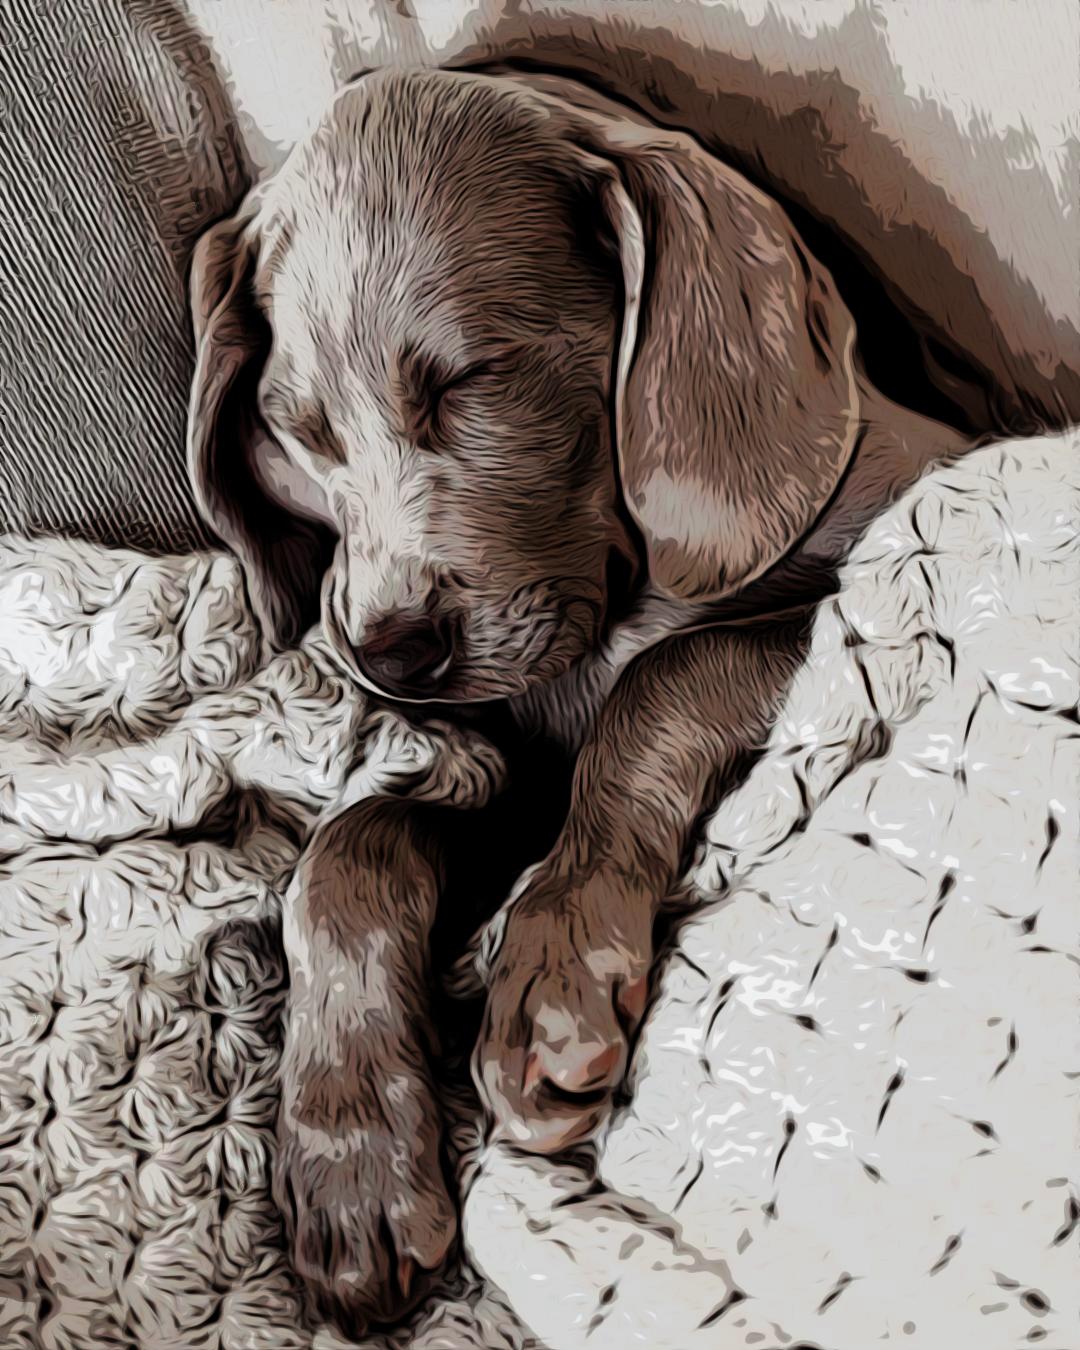 Kleiner Schlafender Hund Puppy In 2020 Schlafende Welpen Hunde Schlafen Kleine Hunde